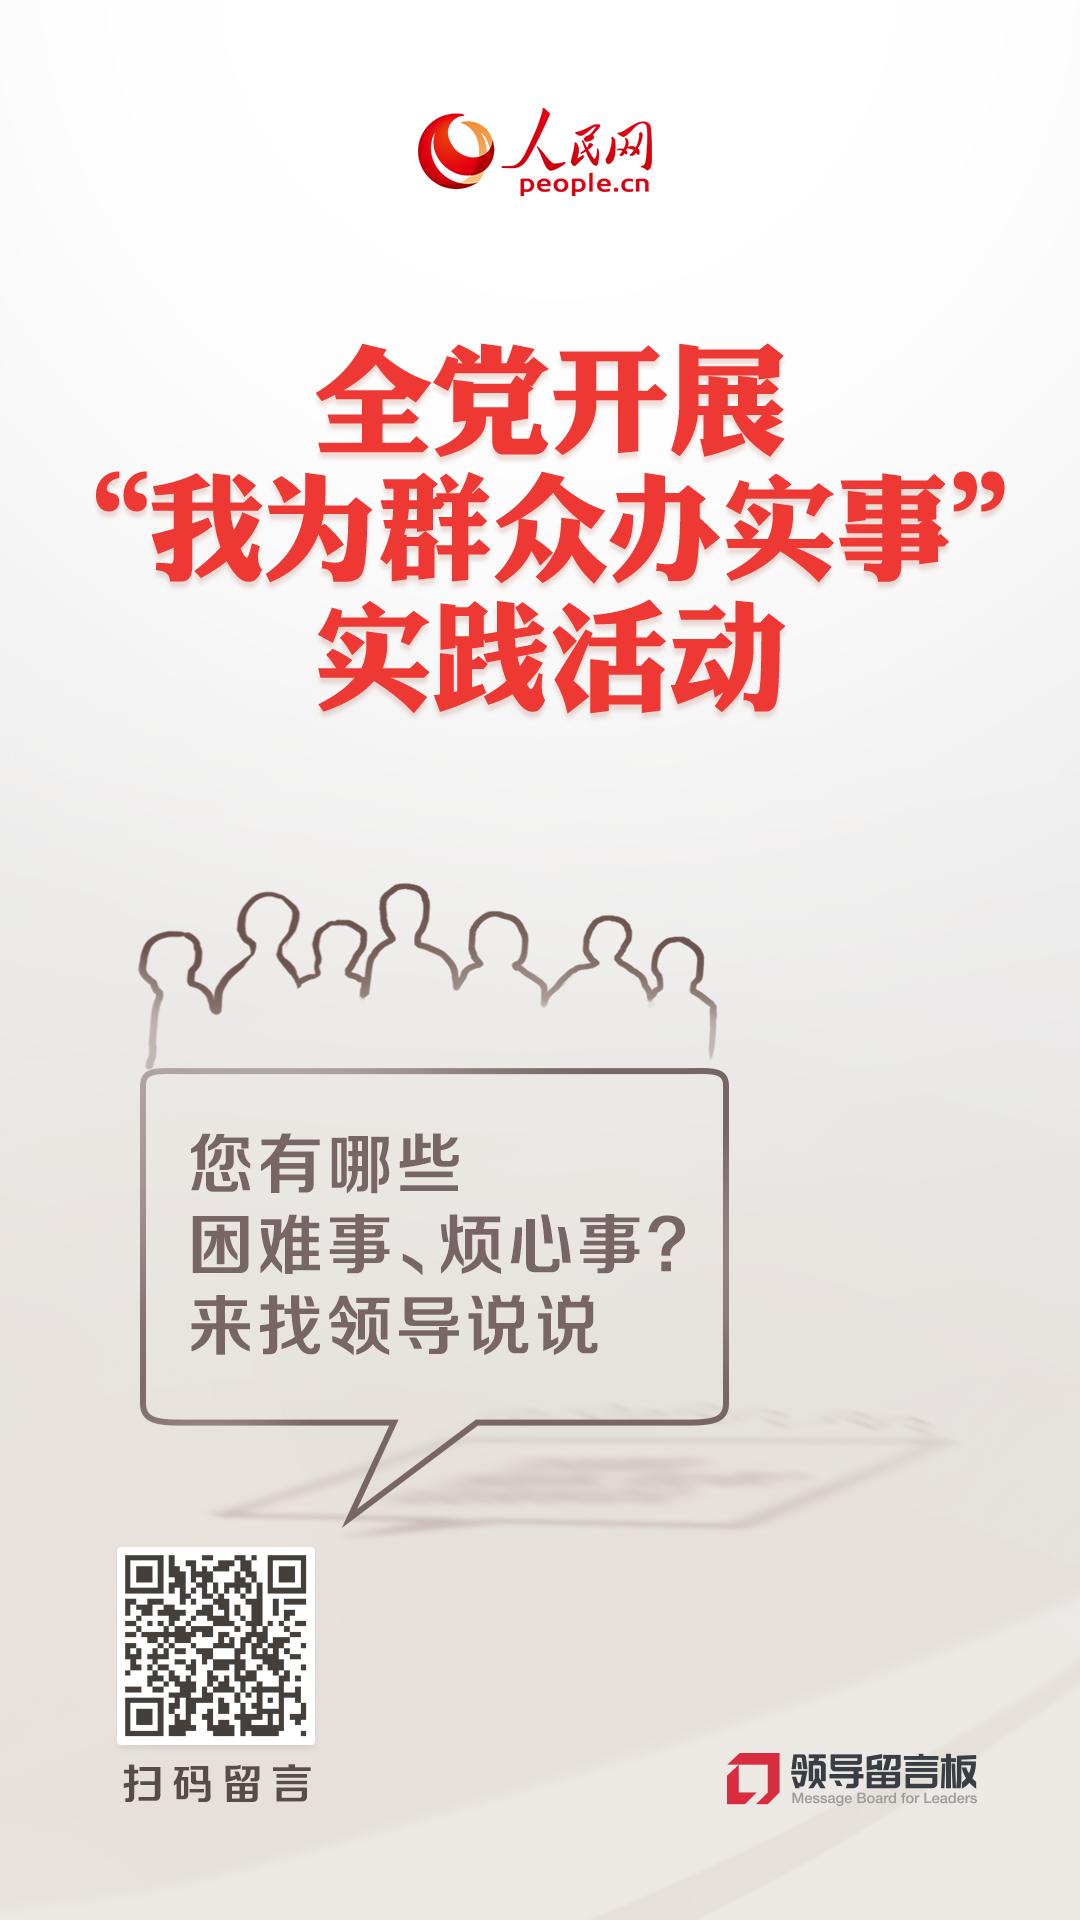 急难愁盼|广西南宁:网友反应社区糊口诸多未便本地一一答复解决